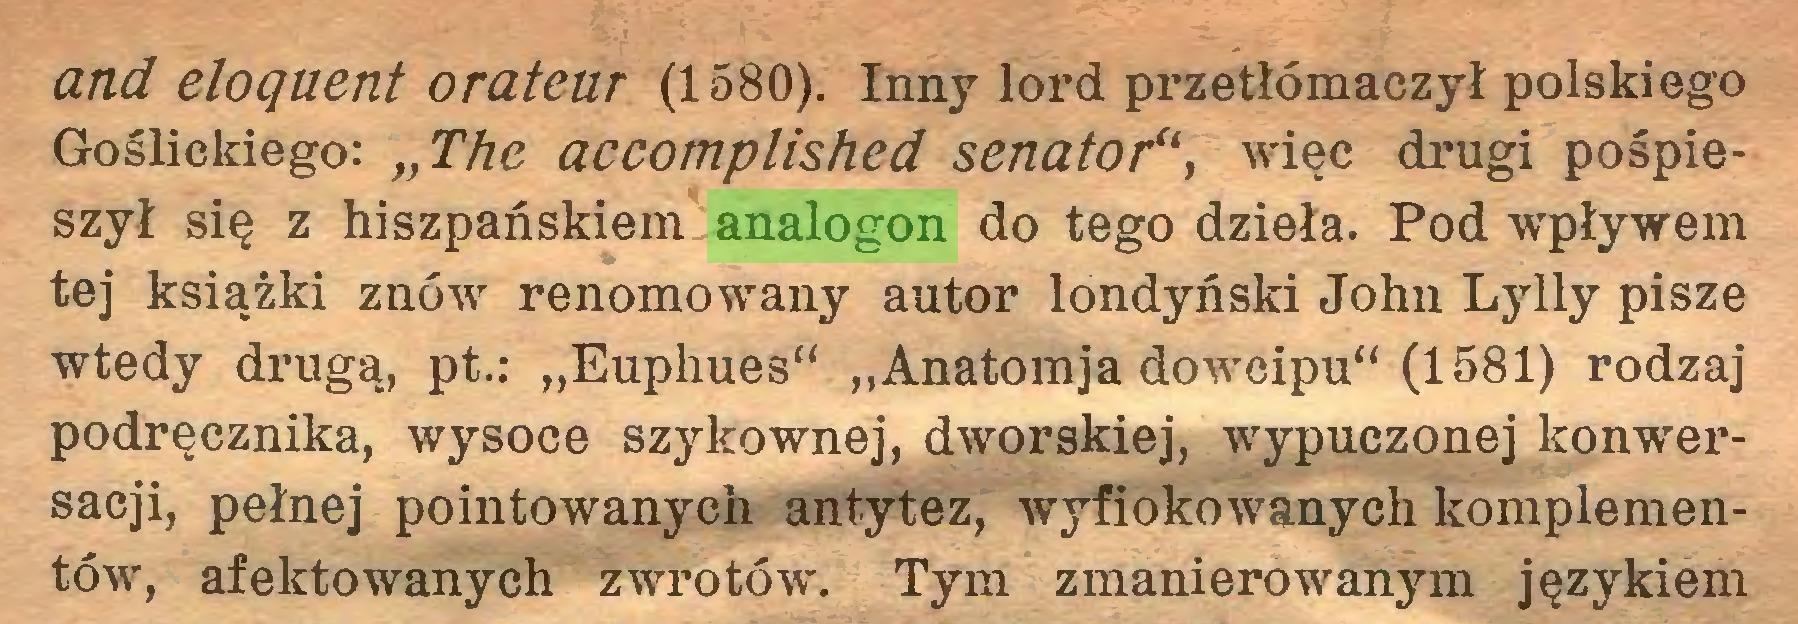 """(...) and eloquent orateur (1580). Inny lord przetłómaczył polskiego Goślickiego: """"The accomplished senator"""", więc drugi pośpieszył się z hiszpańskiem analogon do tego dzieła. Pod wpływem tej książki znów renomowany autor londyński John Lylly pisze wtedy drugą, pt.: """"Euphues"""" """"Anatomja dowcipu"""" (1581) rodzaj podręcznika, wysoce szykownej, dworskiej, wypuczonej konwersacji, pełnej pointowanych antytez, wyfiokowanych komplementów, afektowanych zwrotów. Tym zmanierowanym językiem..."""